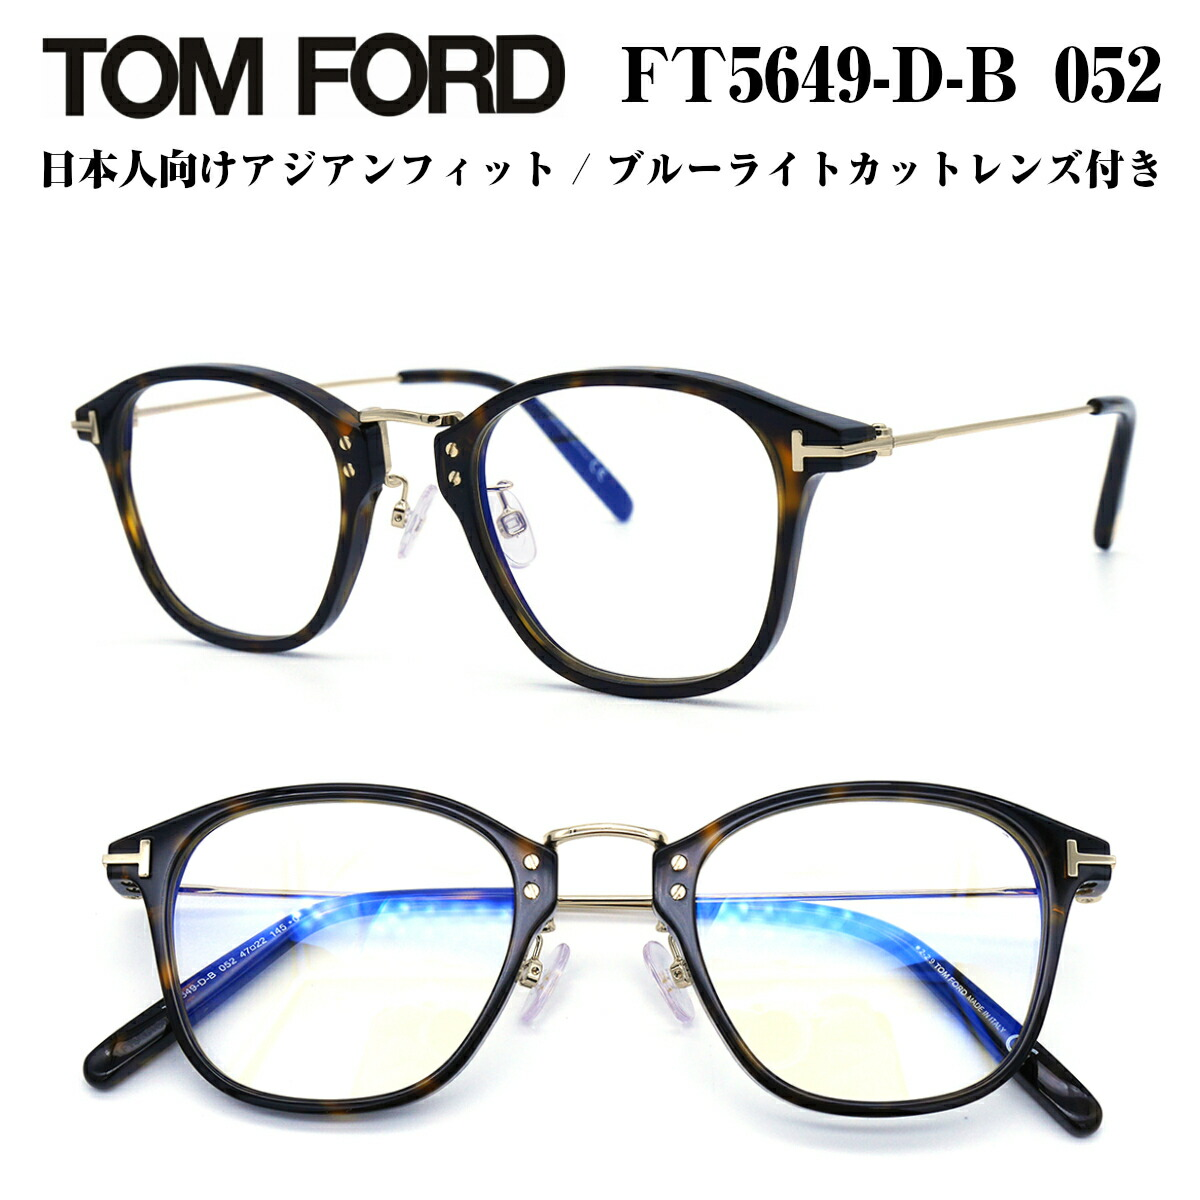 TOM FORD トムフォード FT5649DB-052 (TF5649DB-052) 47 サイズ メガネ 眼鏡 めがね フレーム アジアンフィット ブルーライトカットレンズ付き ダテメガネ 【正規品】 度付き対応 TOMFORD メンズ 男性 おしゃれ 日本企画